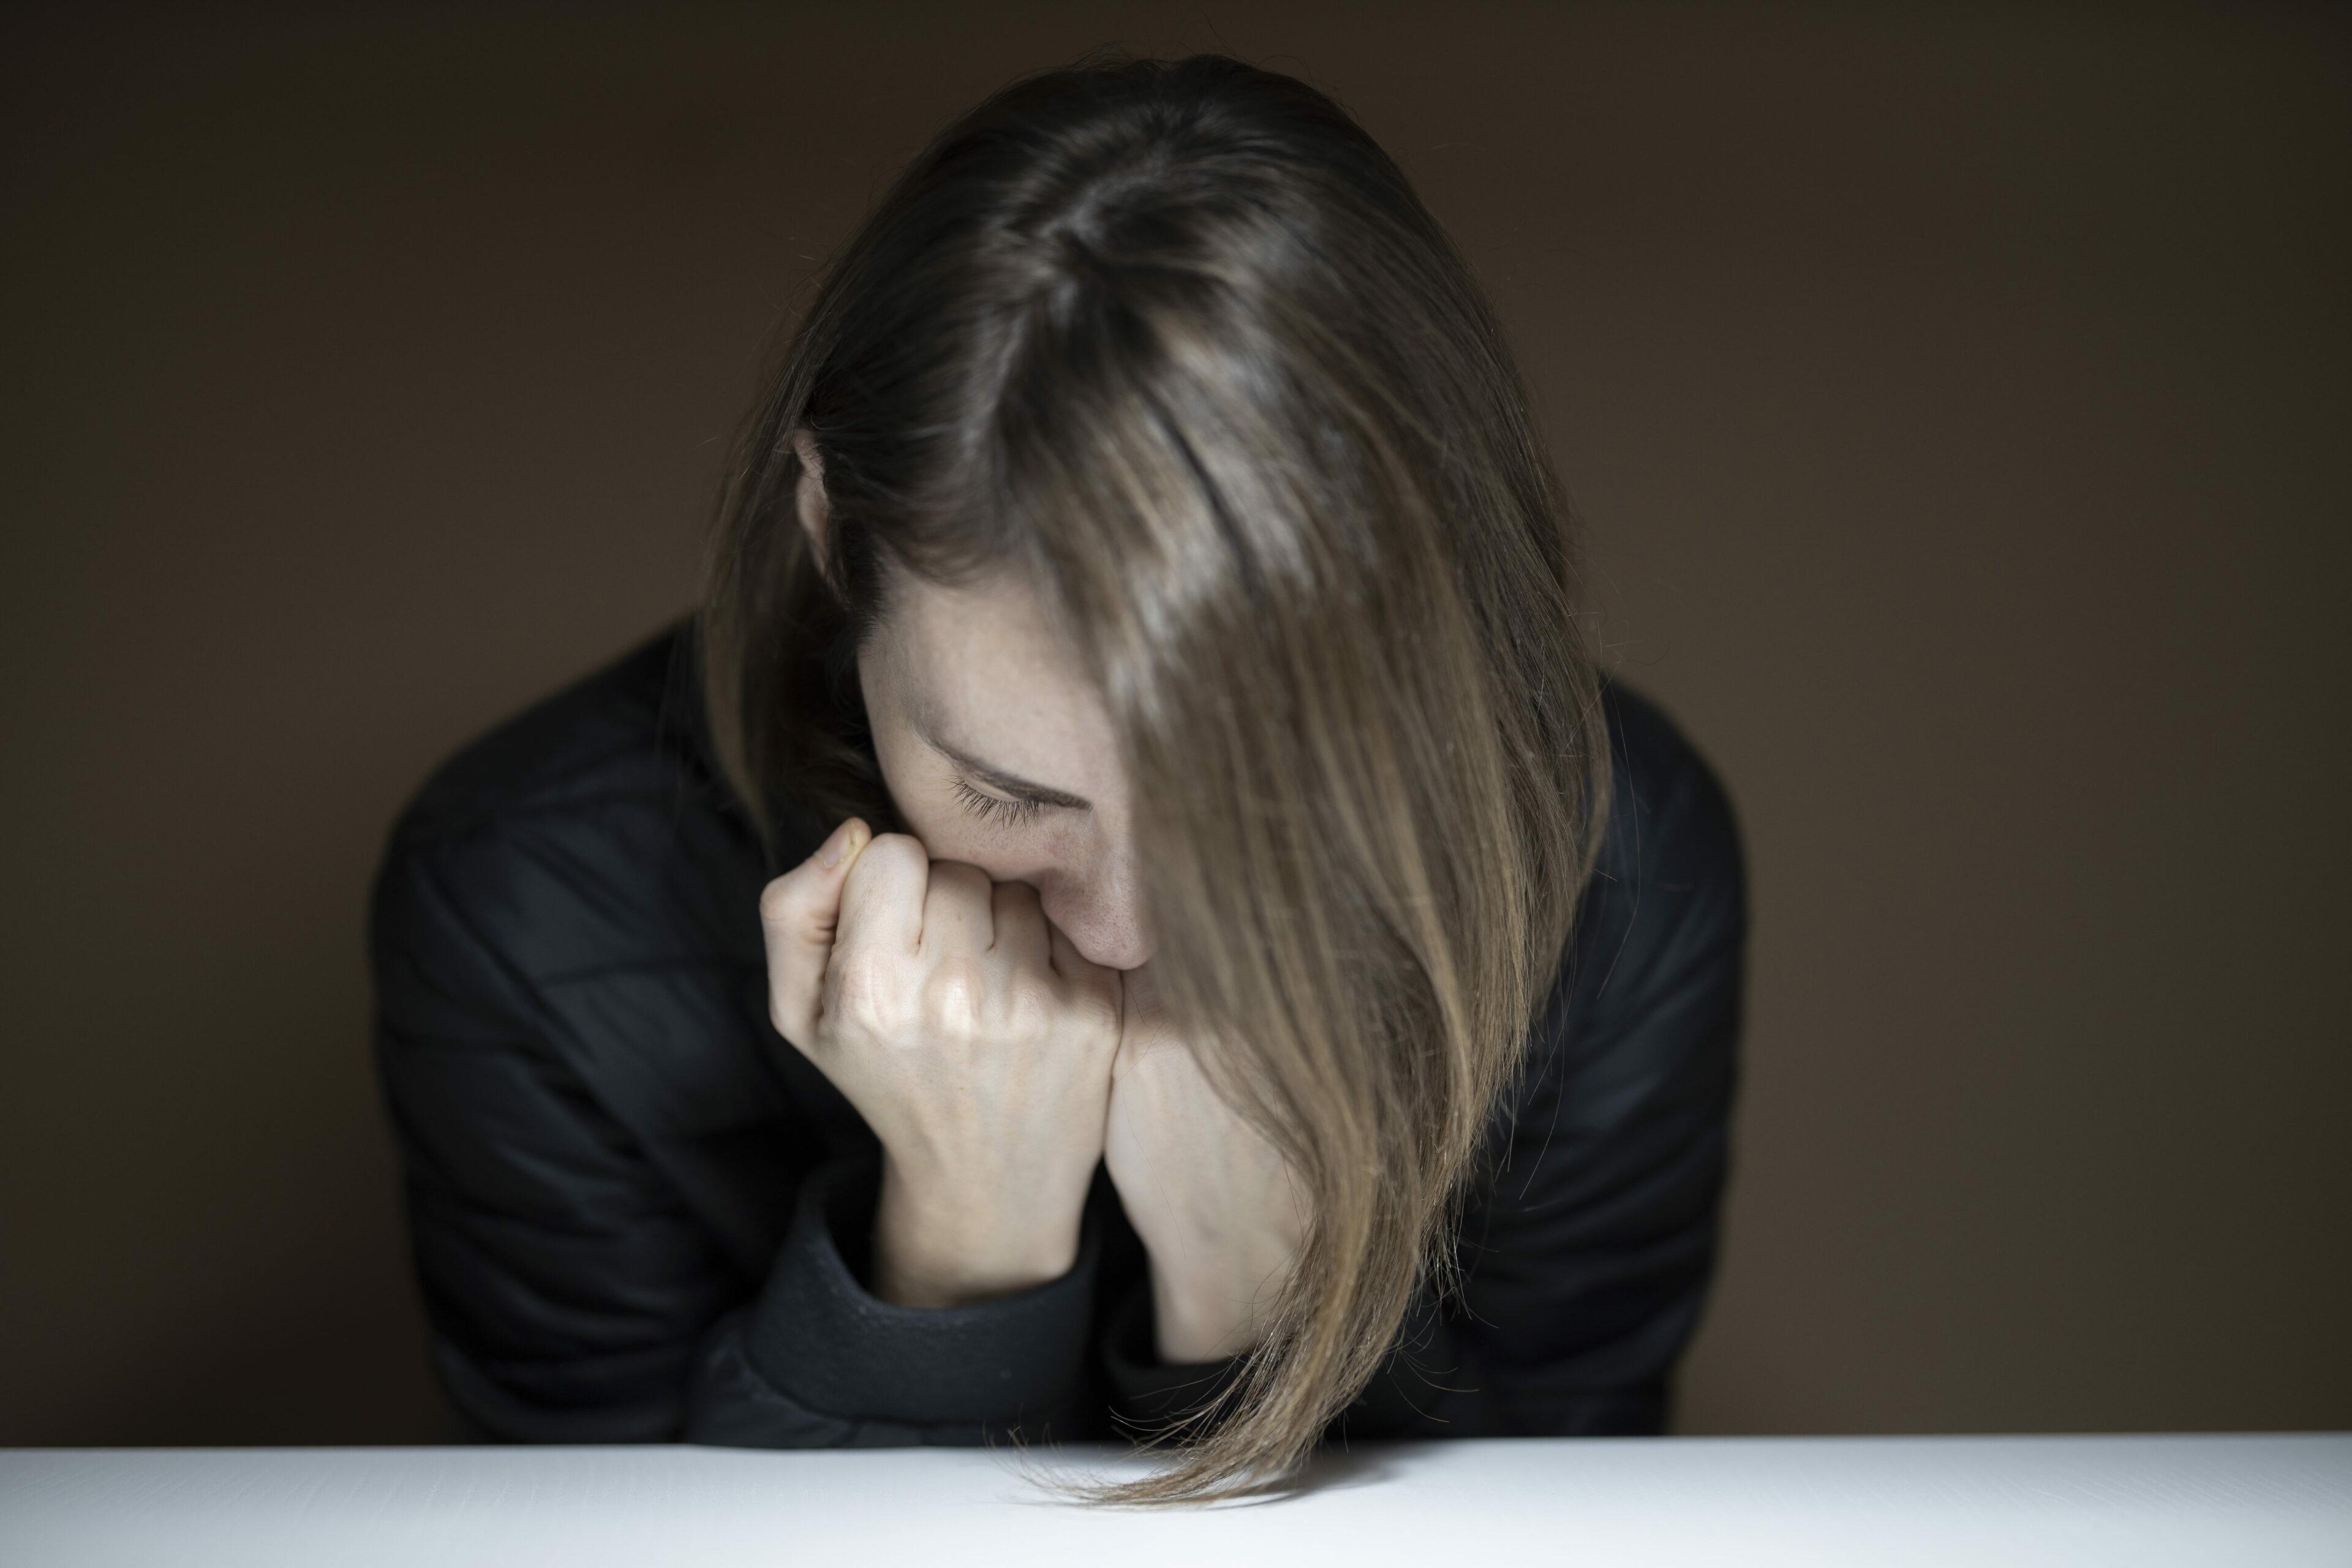 Pacientce při léčbě deprese pomohl mozkový implantát